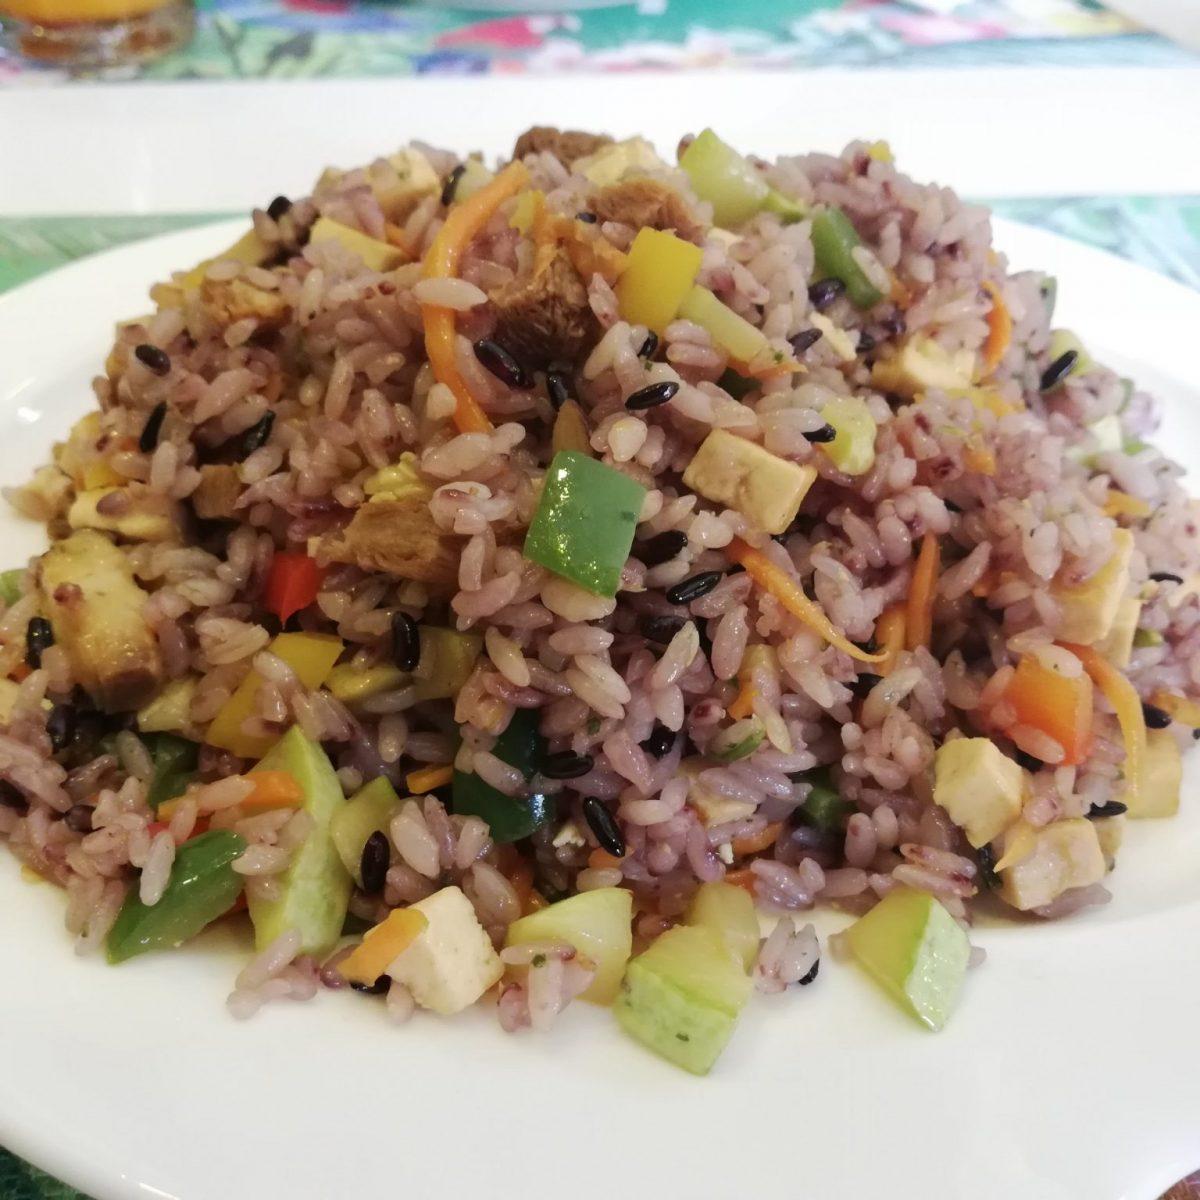 Budaatai Khuurga fried rice